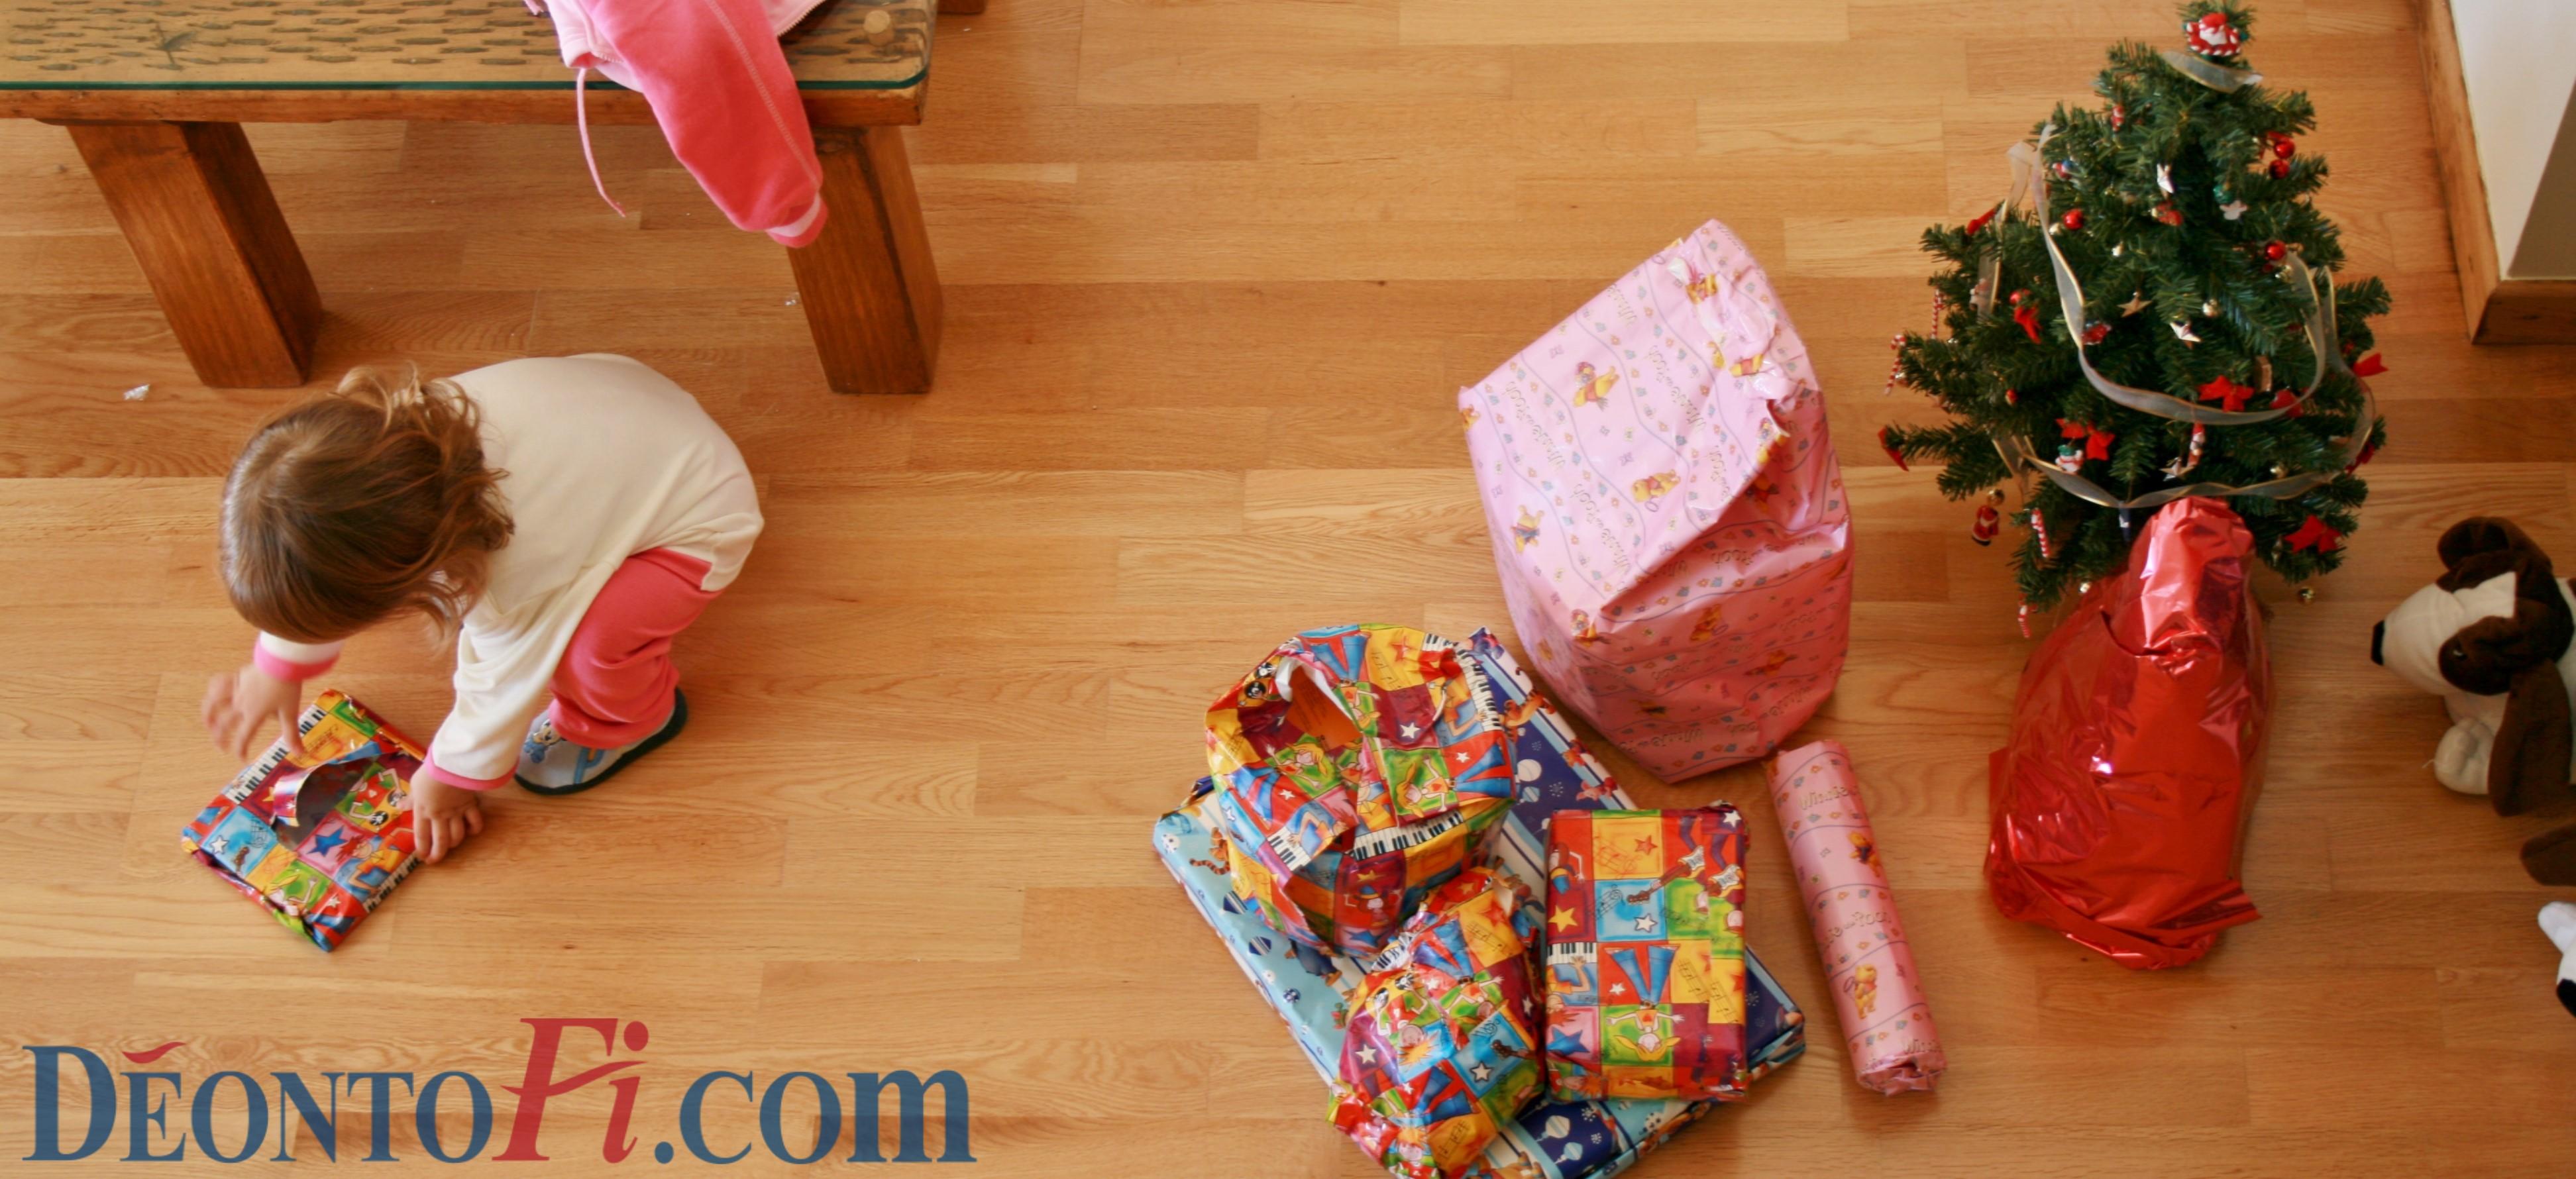 Cadeaux Et Donations Les Regles Pour Aider Vos Proches Sans Impots